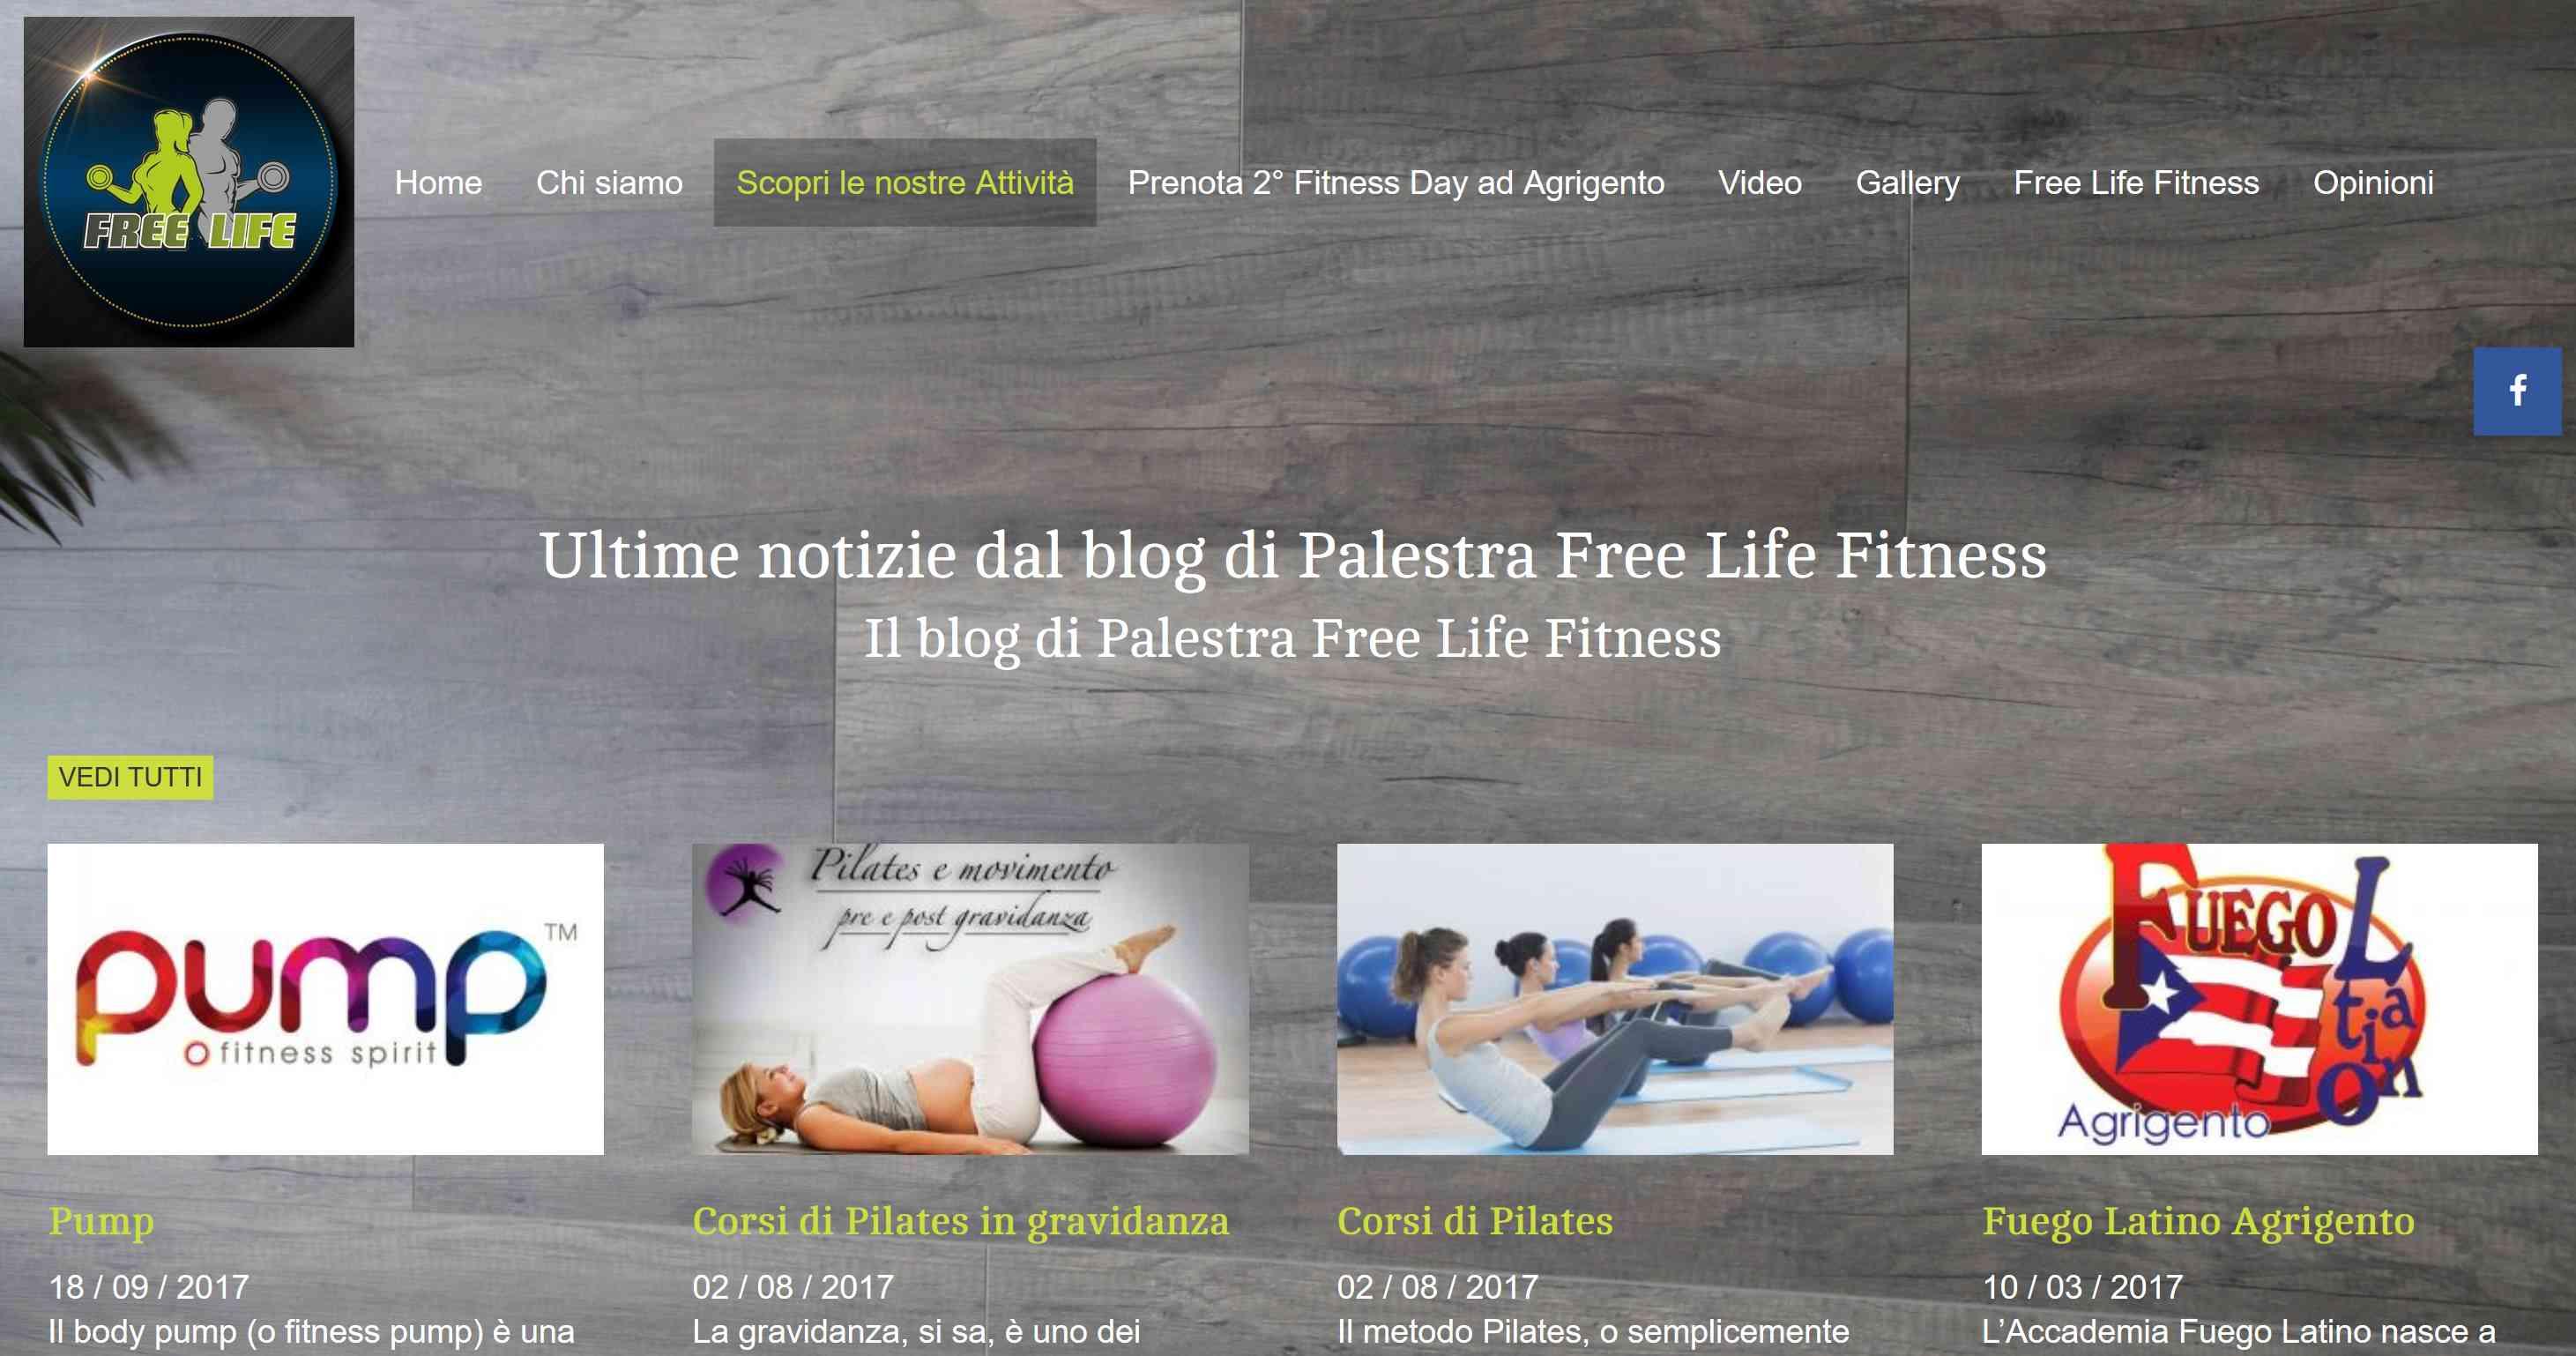 Palestra free life